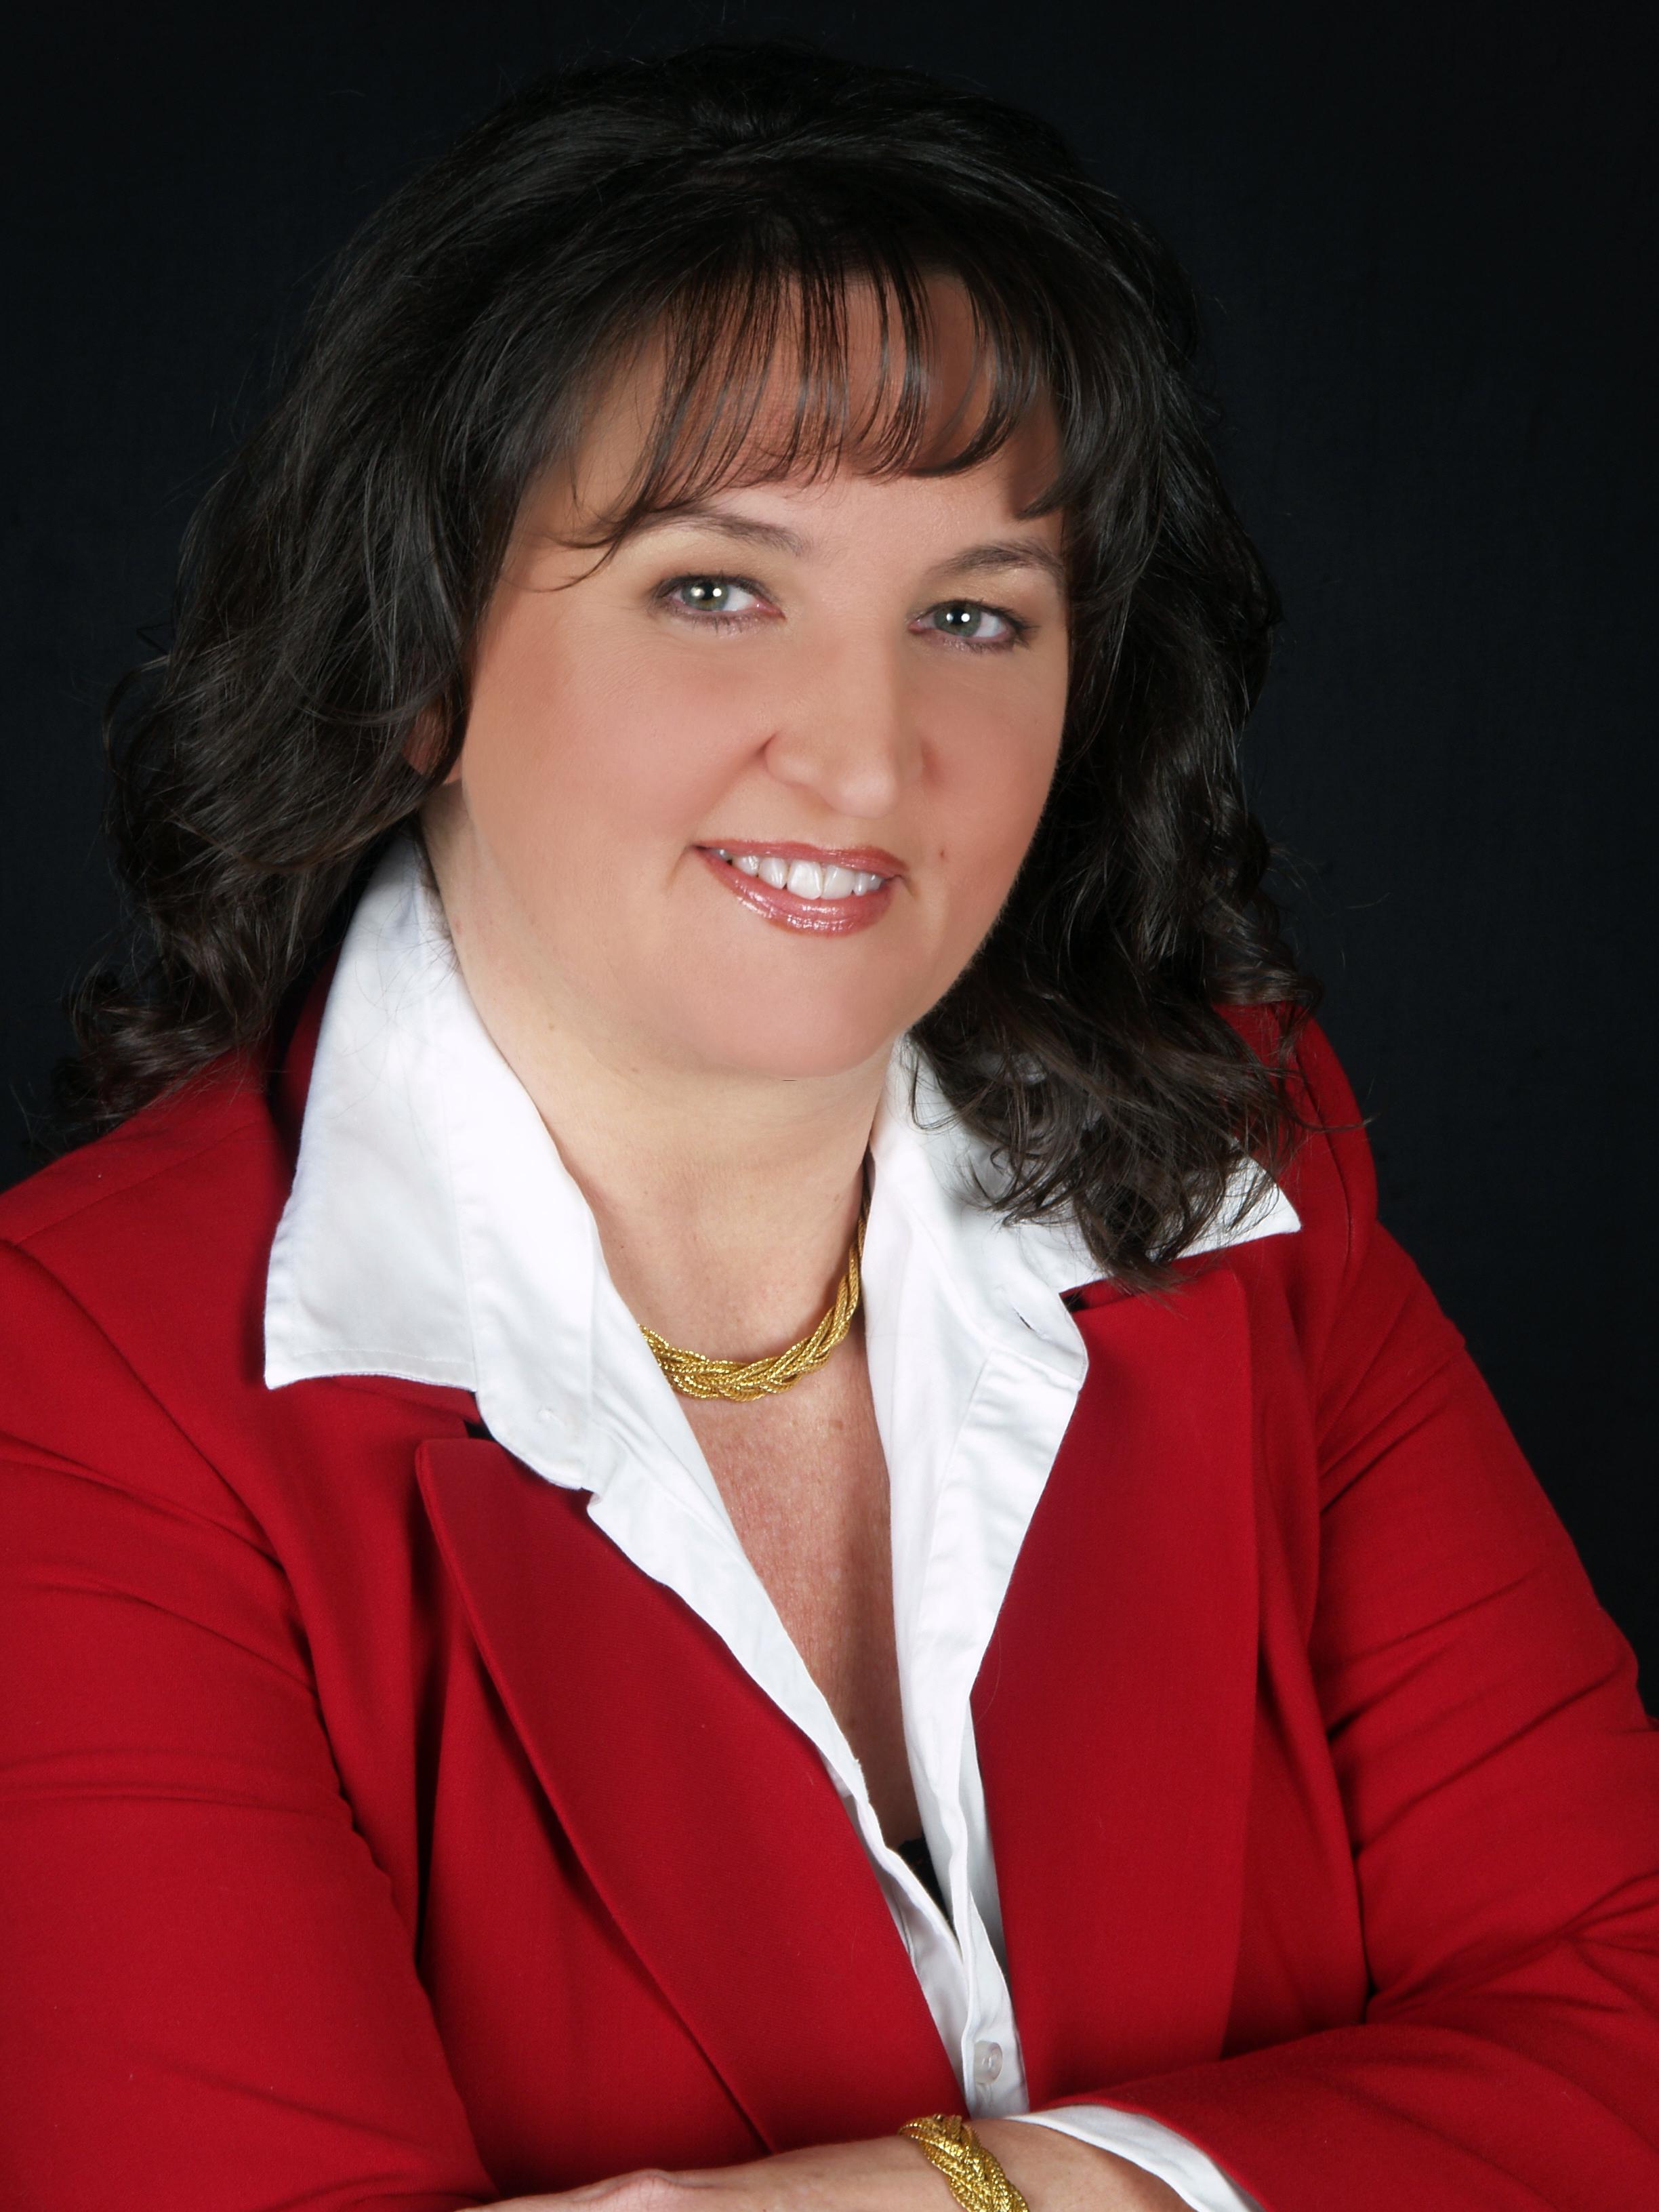 Brenda Janssen